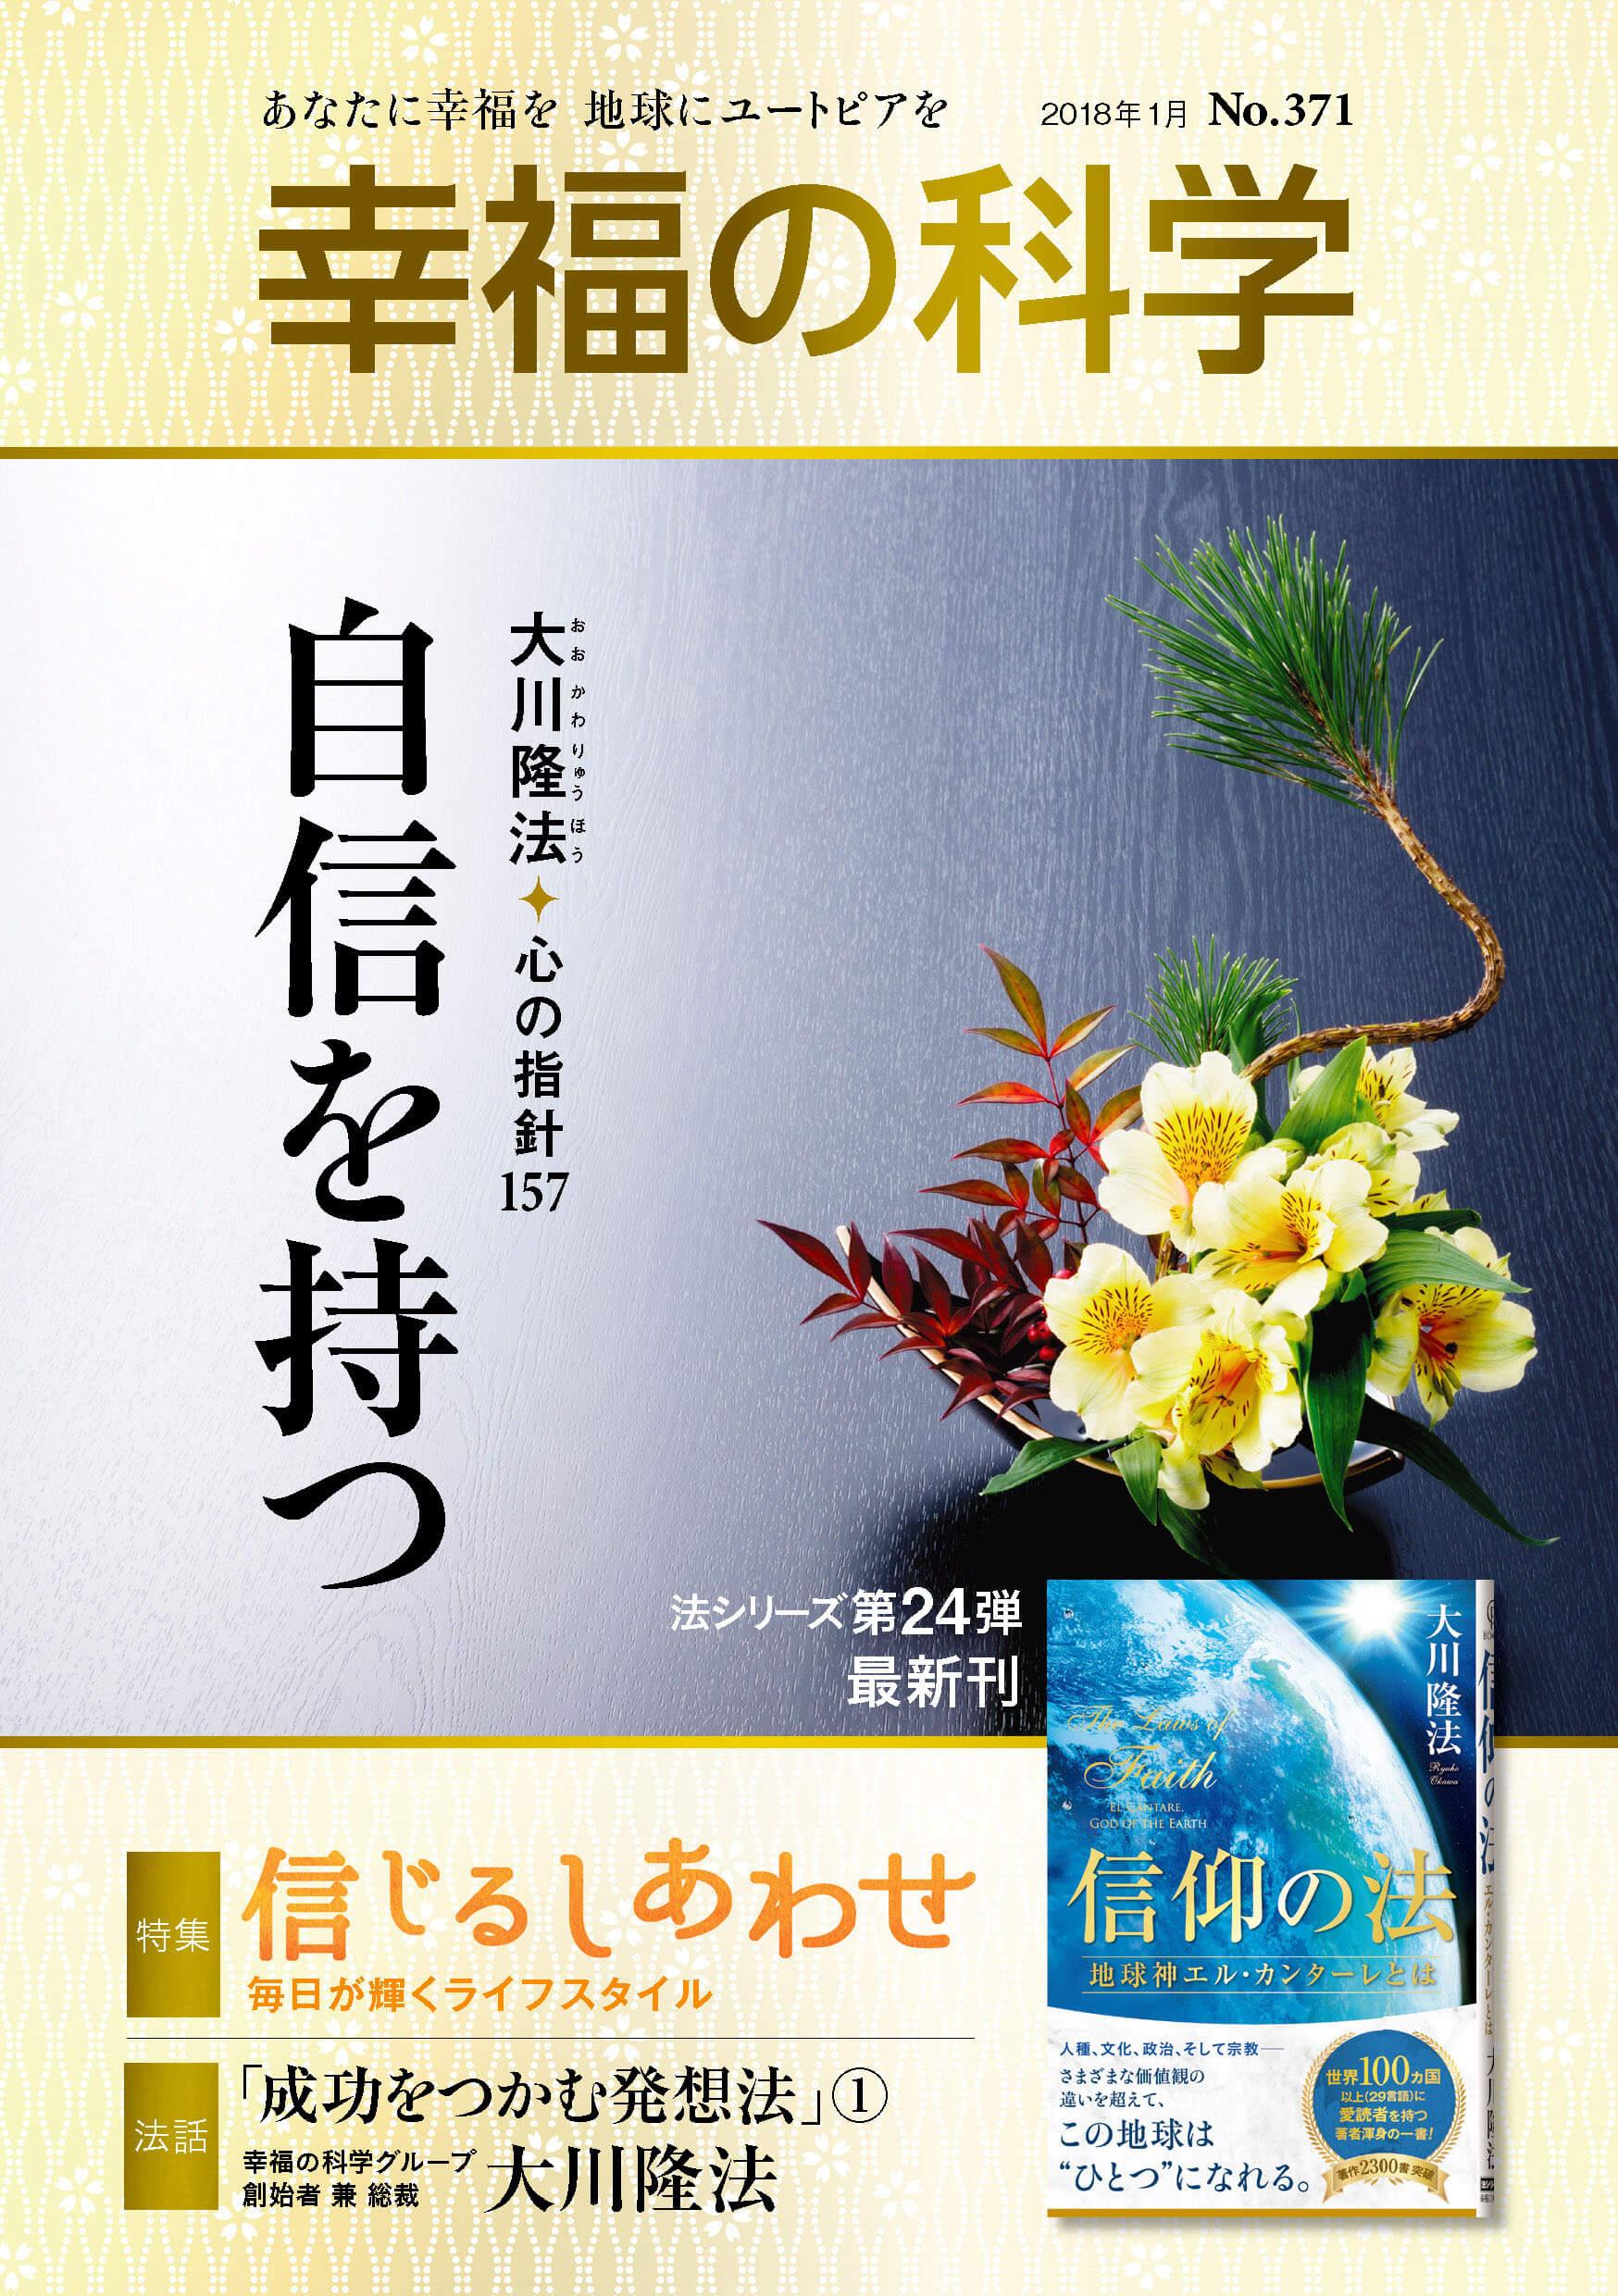 月刊「幸福の科学」371号